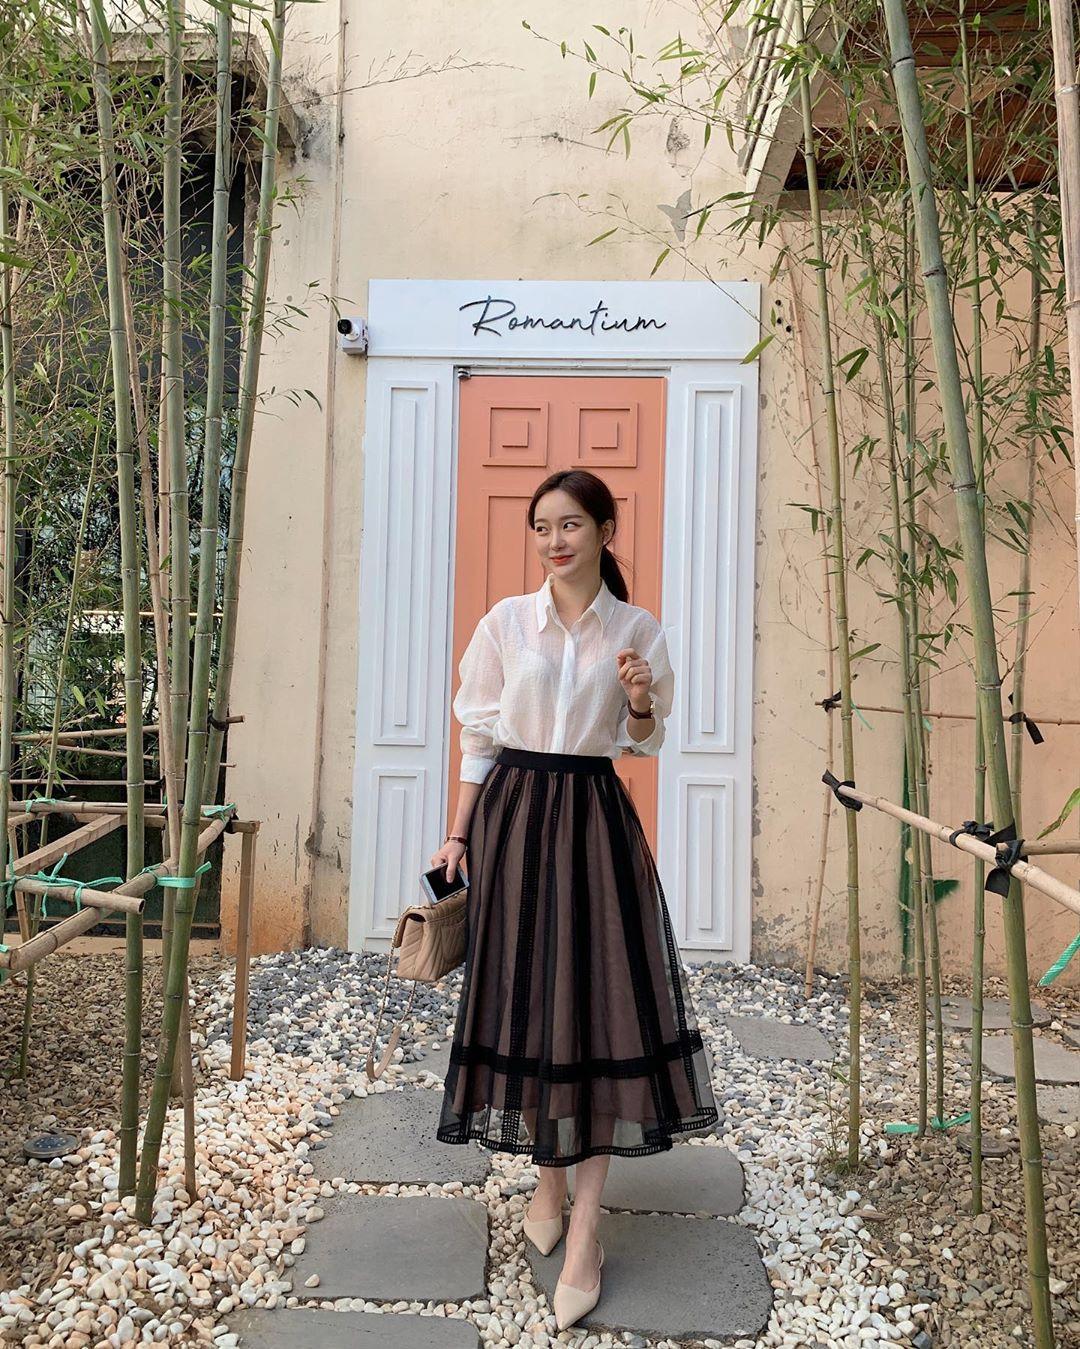 10 cách diện chân váy dài + áo trắng giúp nàng công sở luôn đẹp quanh năm suốt tháng trong mắt đồng nghiệp - Ảnh 8.